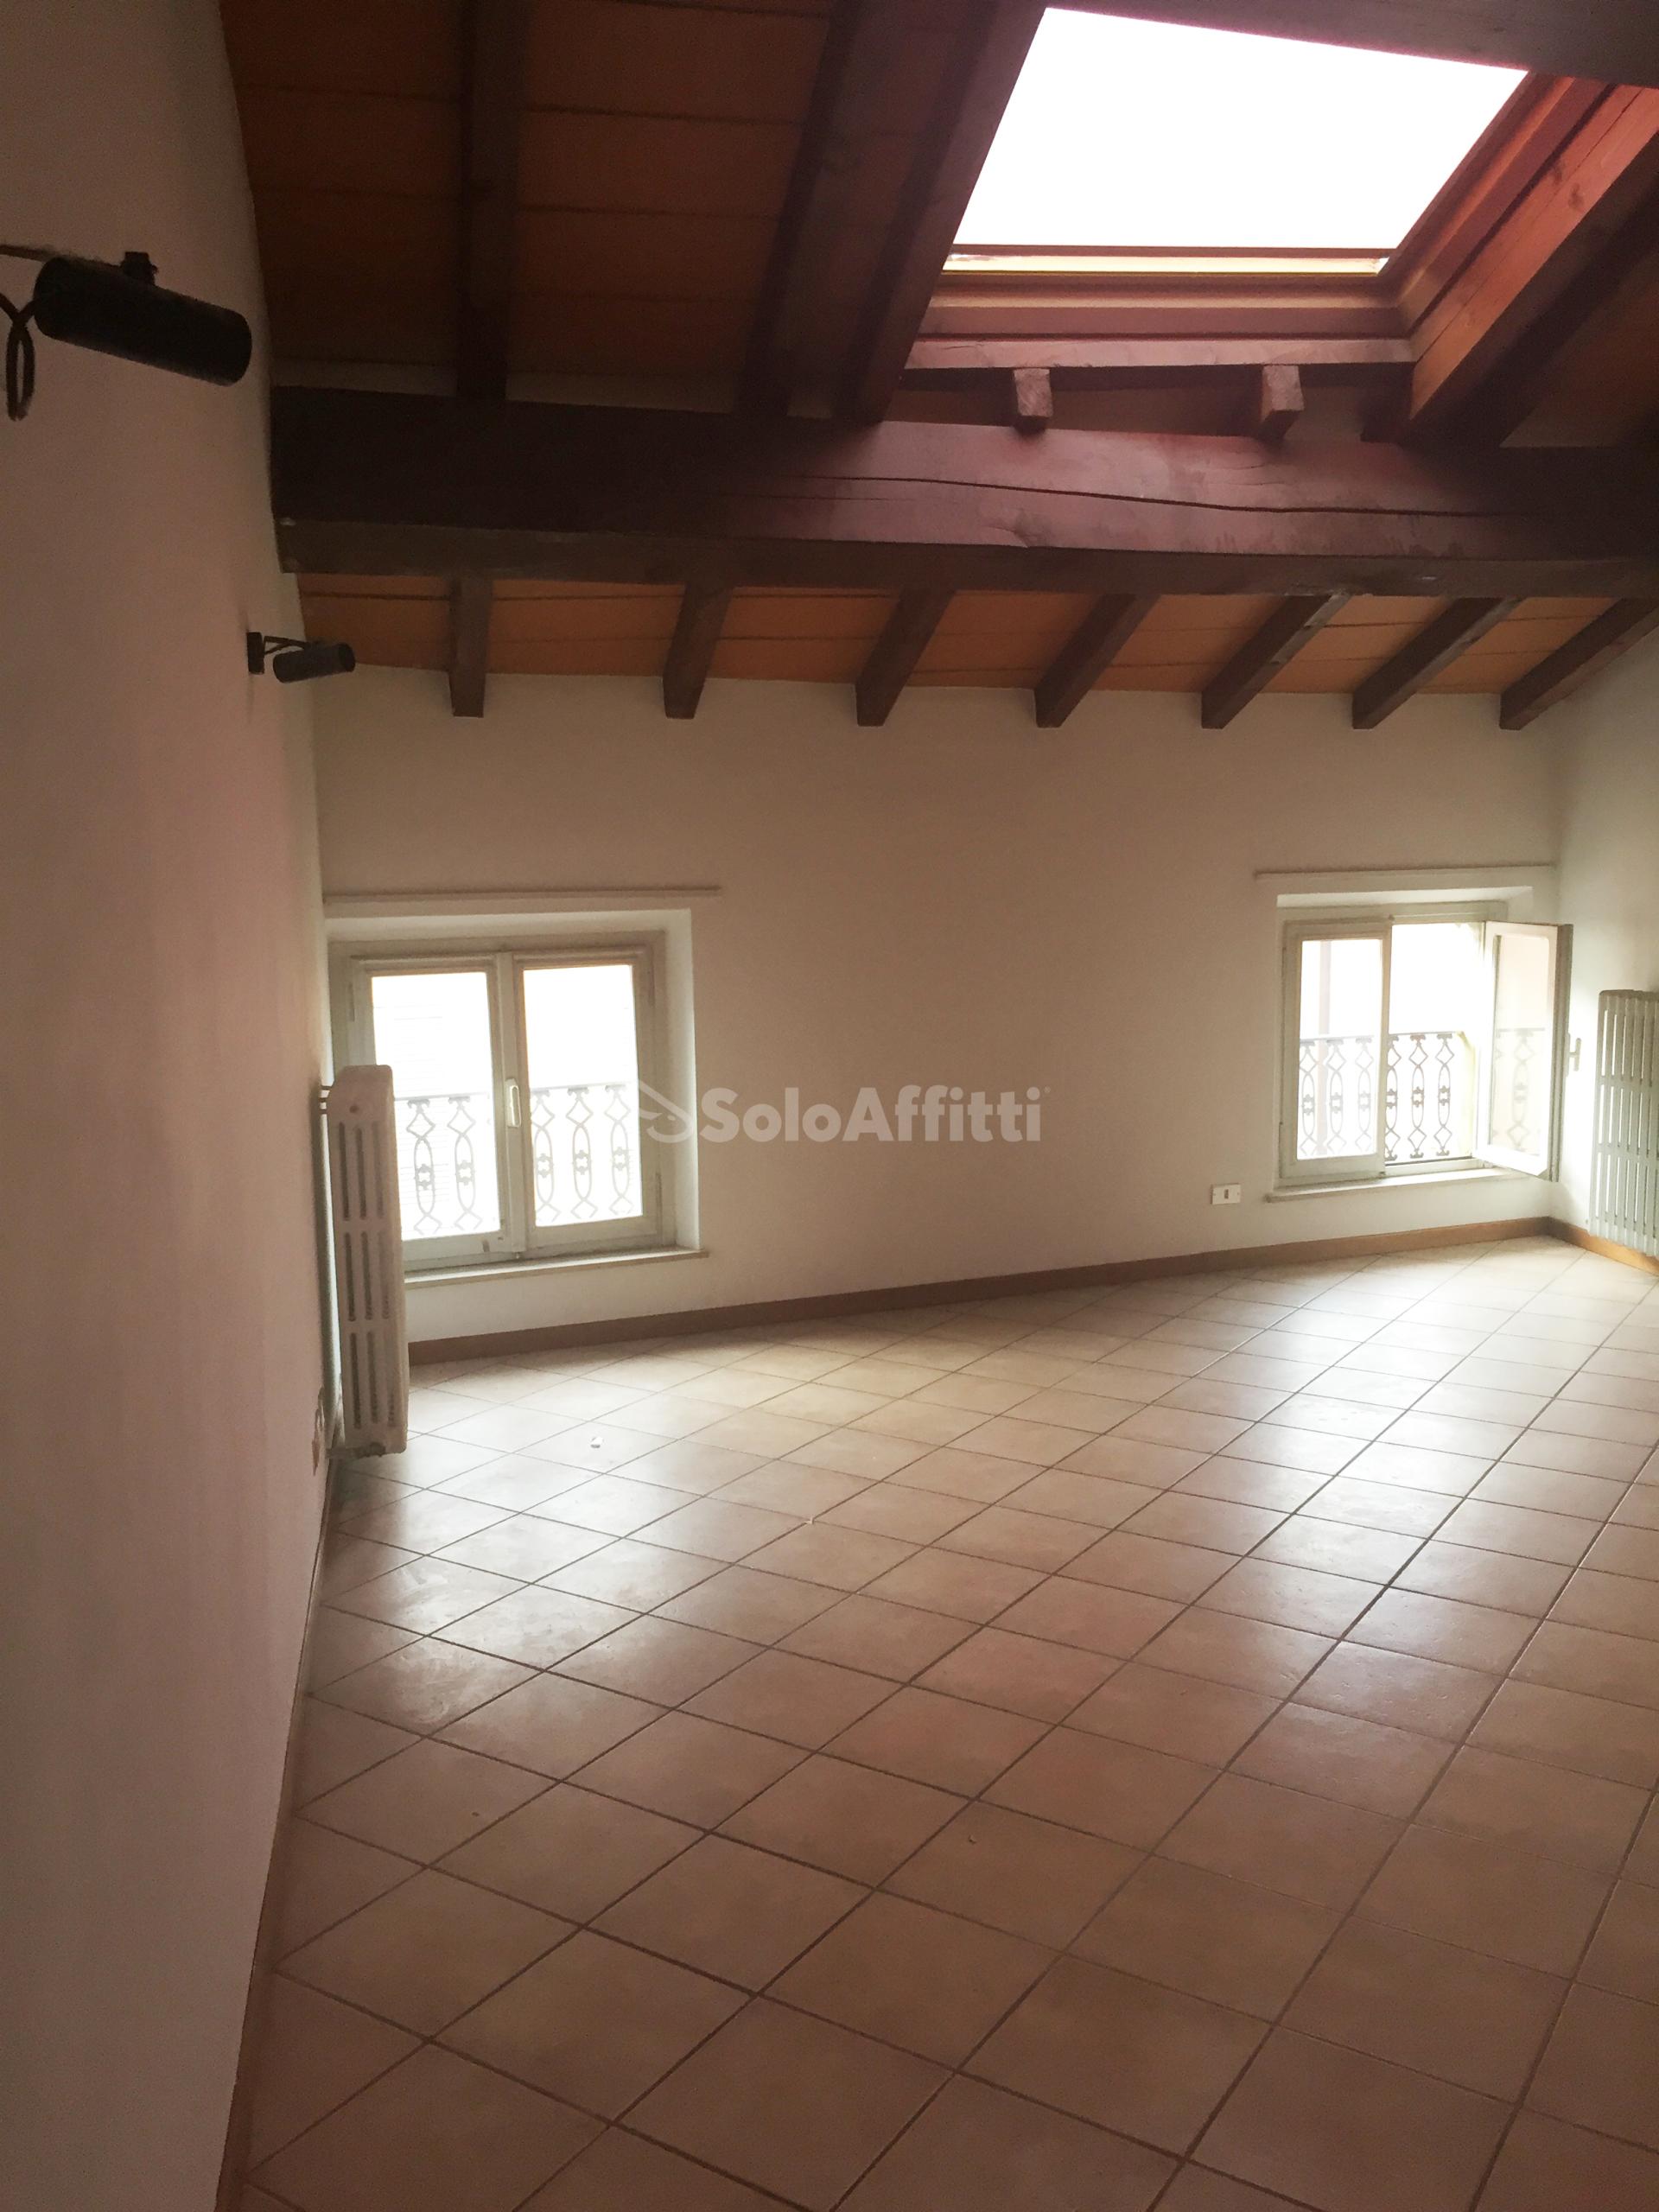 Solo Affitti, Parma, centro storico, quadrilocale